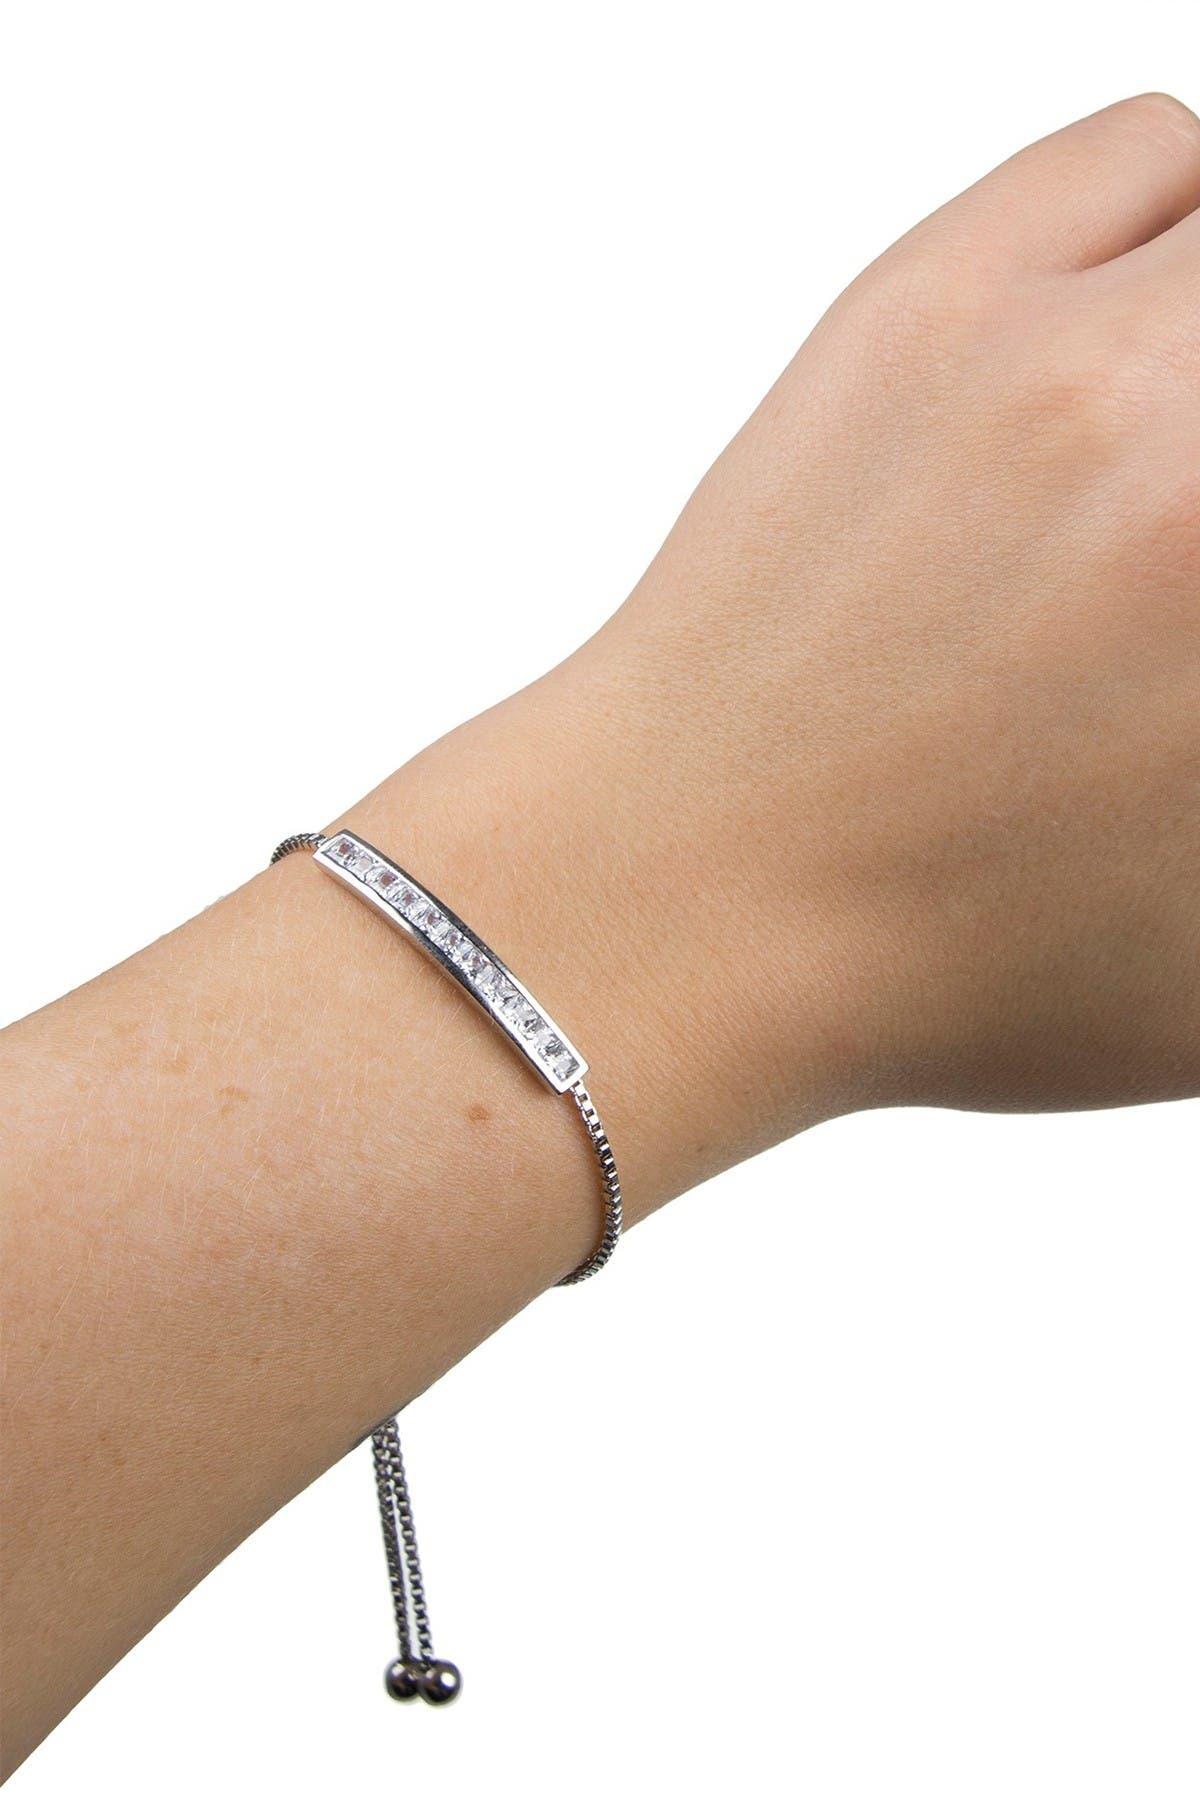 Image of CZ By Kenneth Jay Lane Princess CZ Bracelet